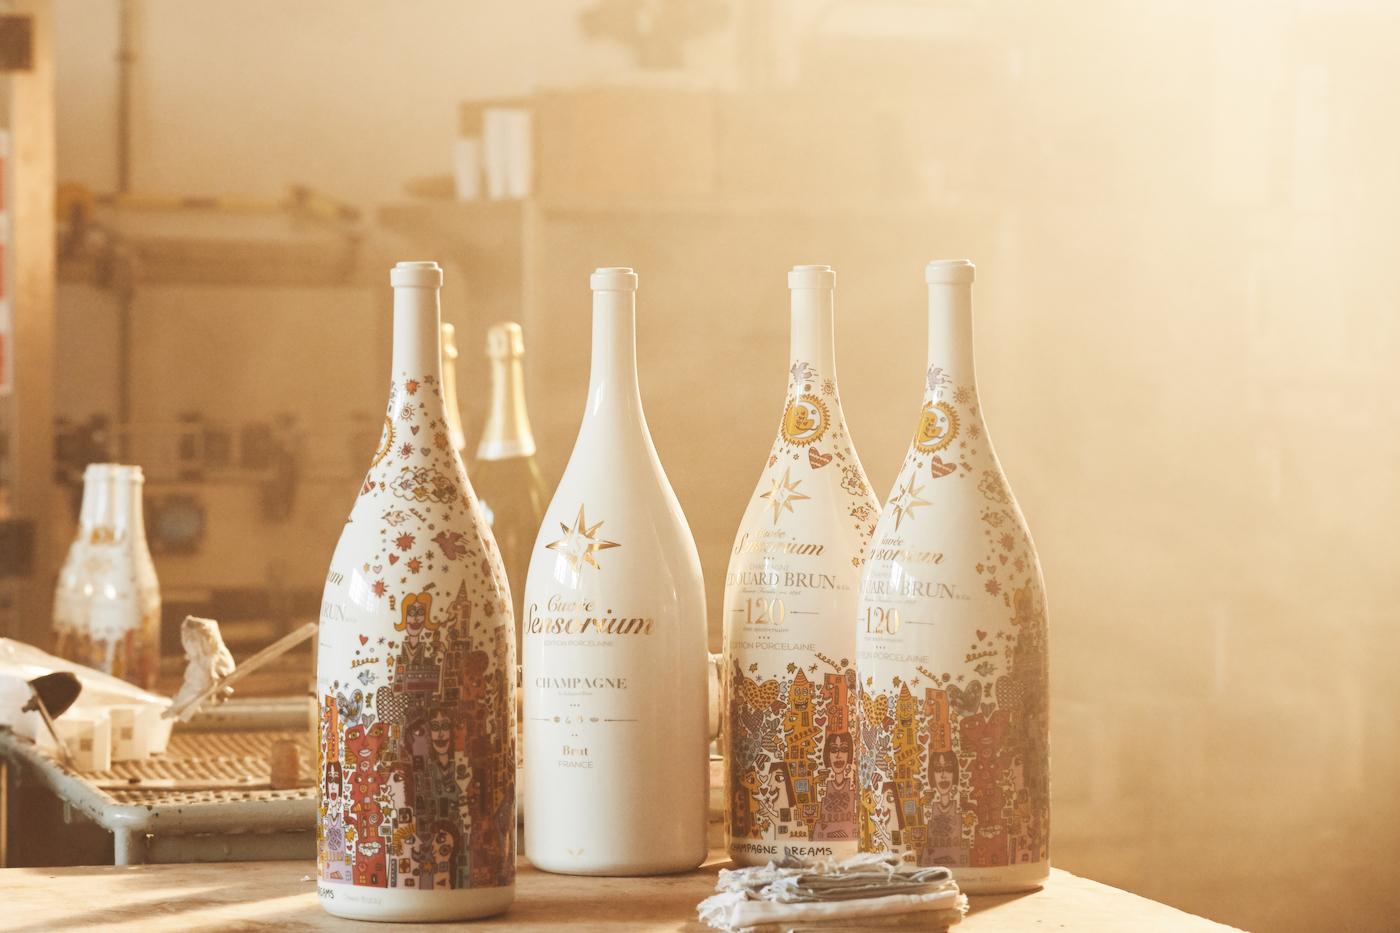 Cuvèe Sensorium stellt ersten Champagner in Porzellanflasche vor 7